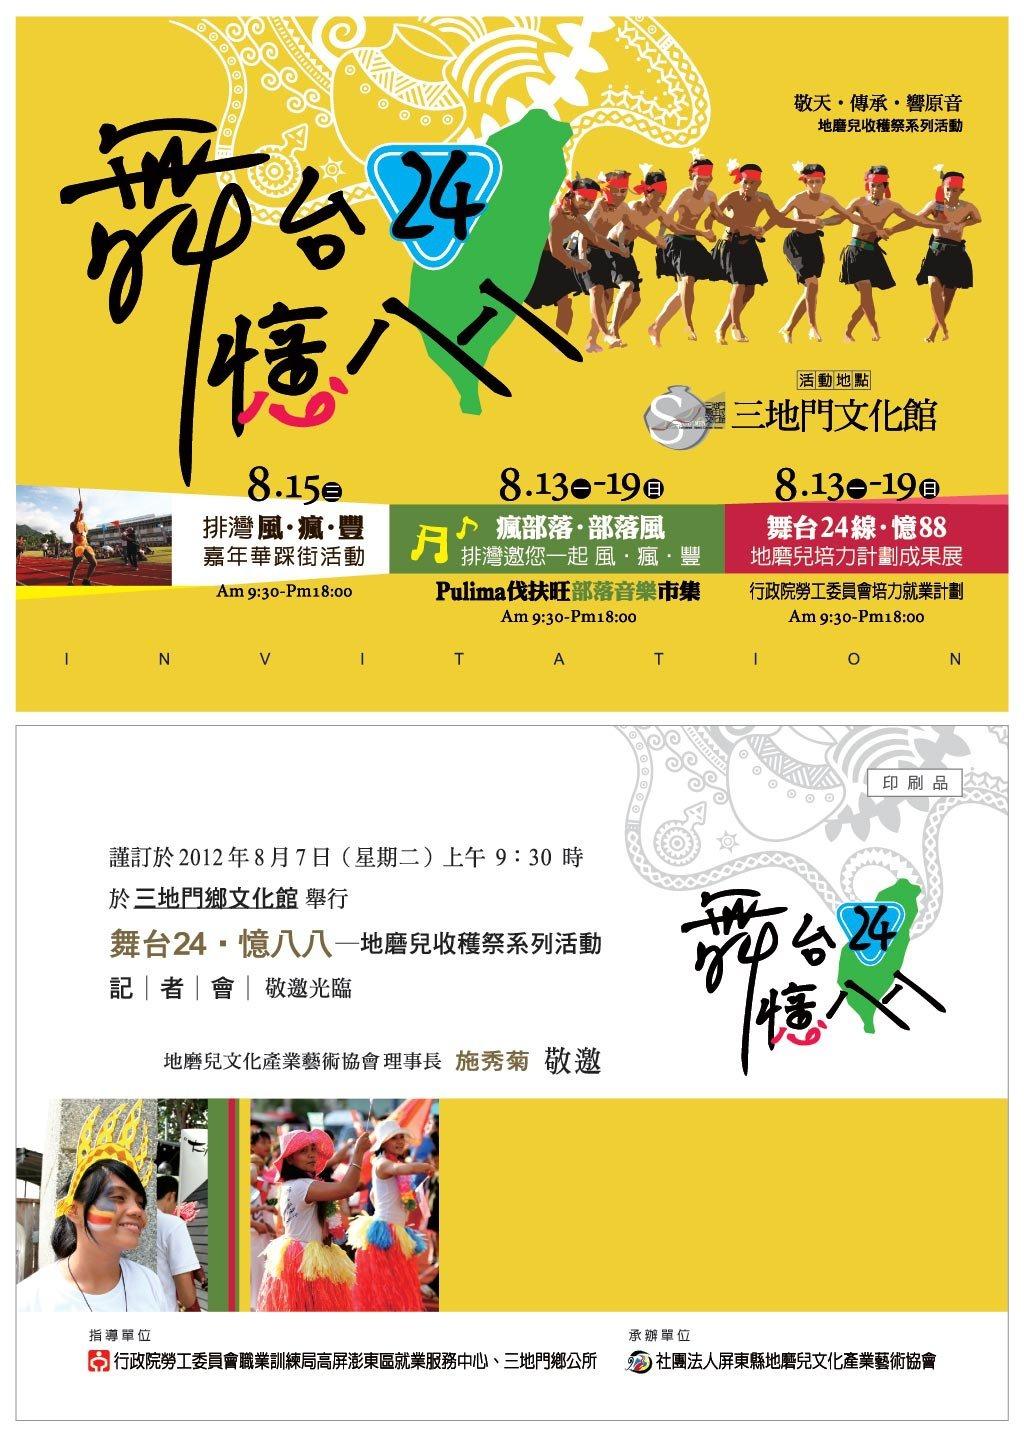 【重建消息】阿里山新美村推動無毒農業 & 舞台24,憶八八-地磨兒收穫祭系列活動